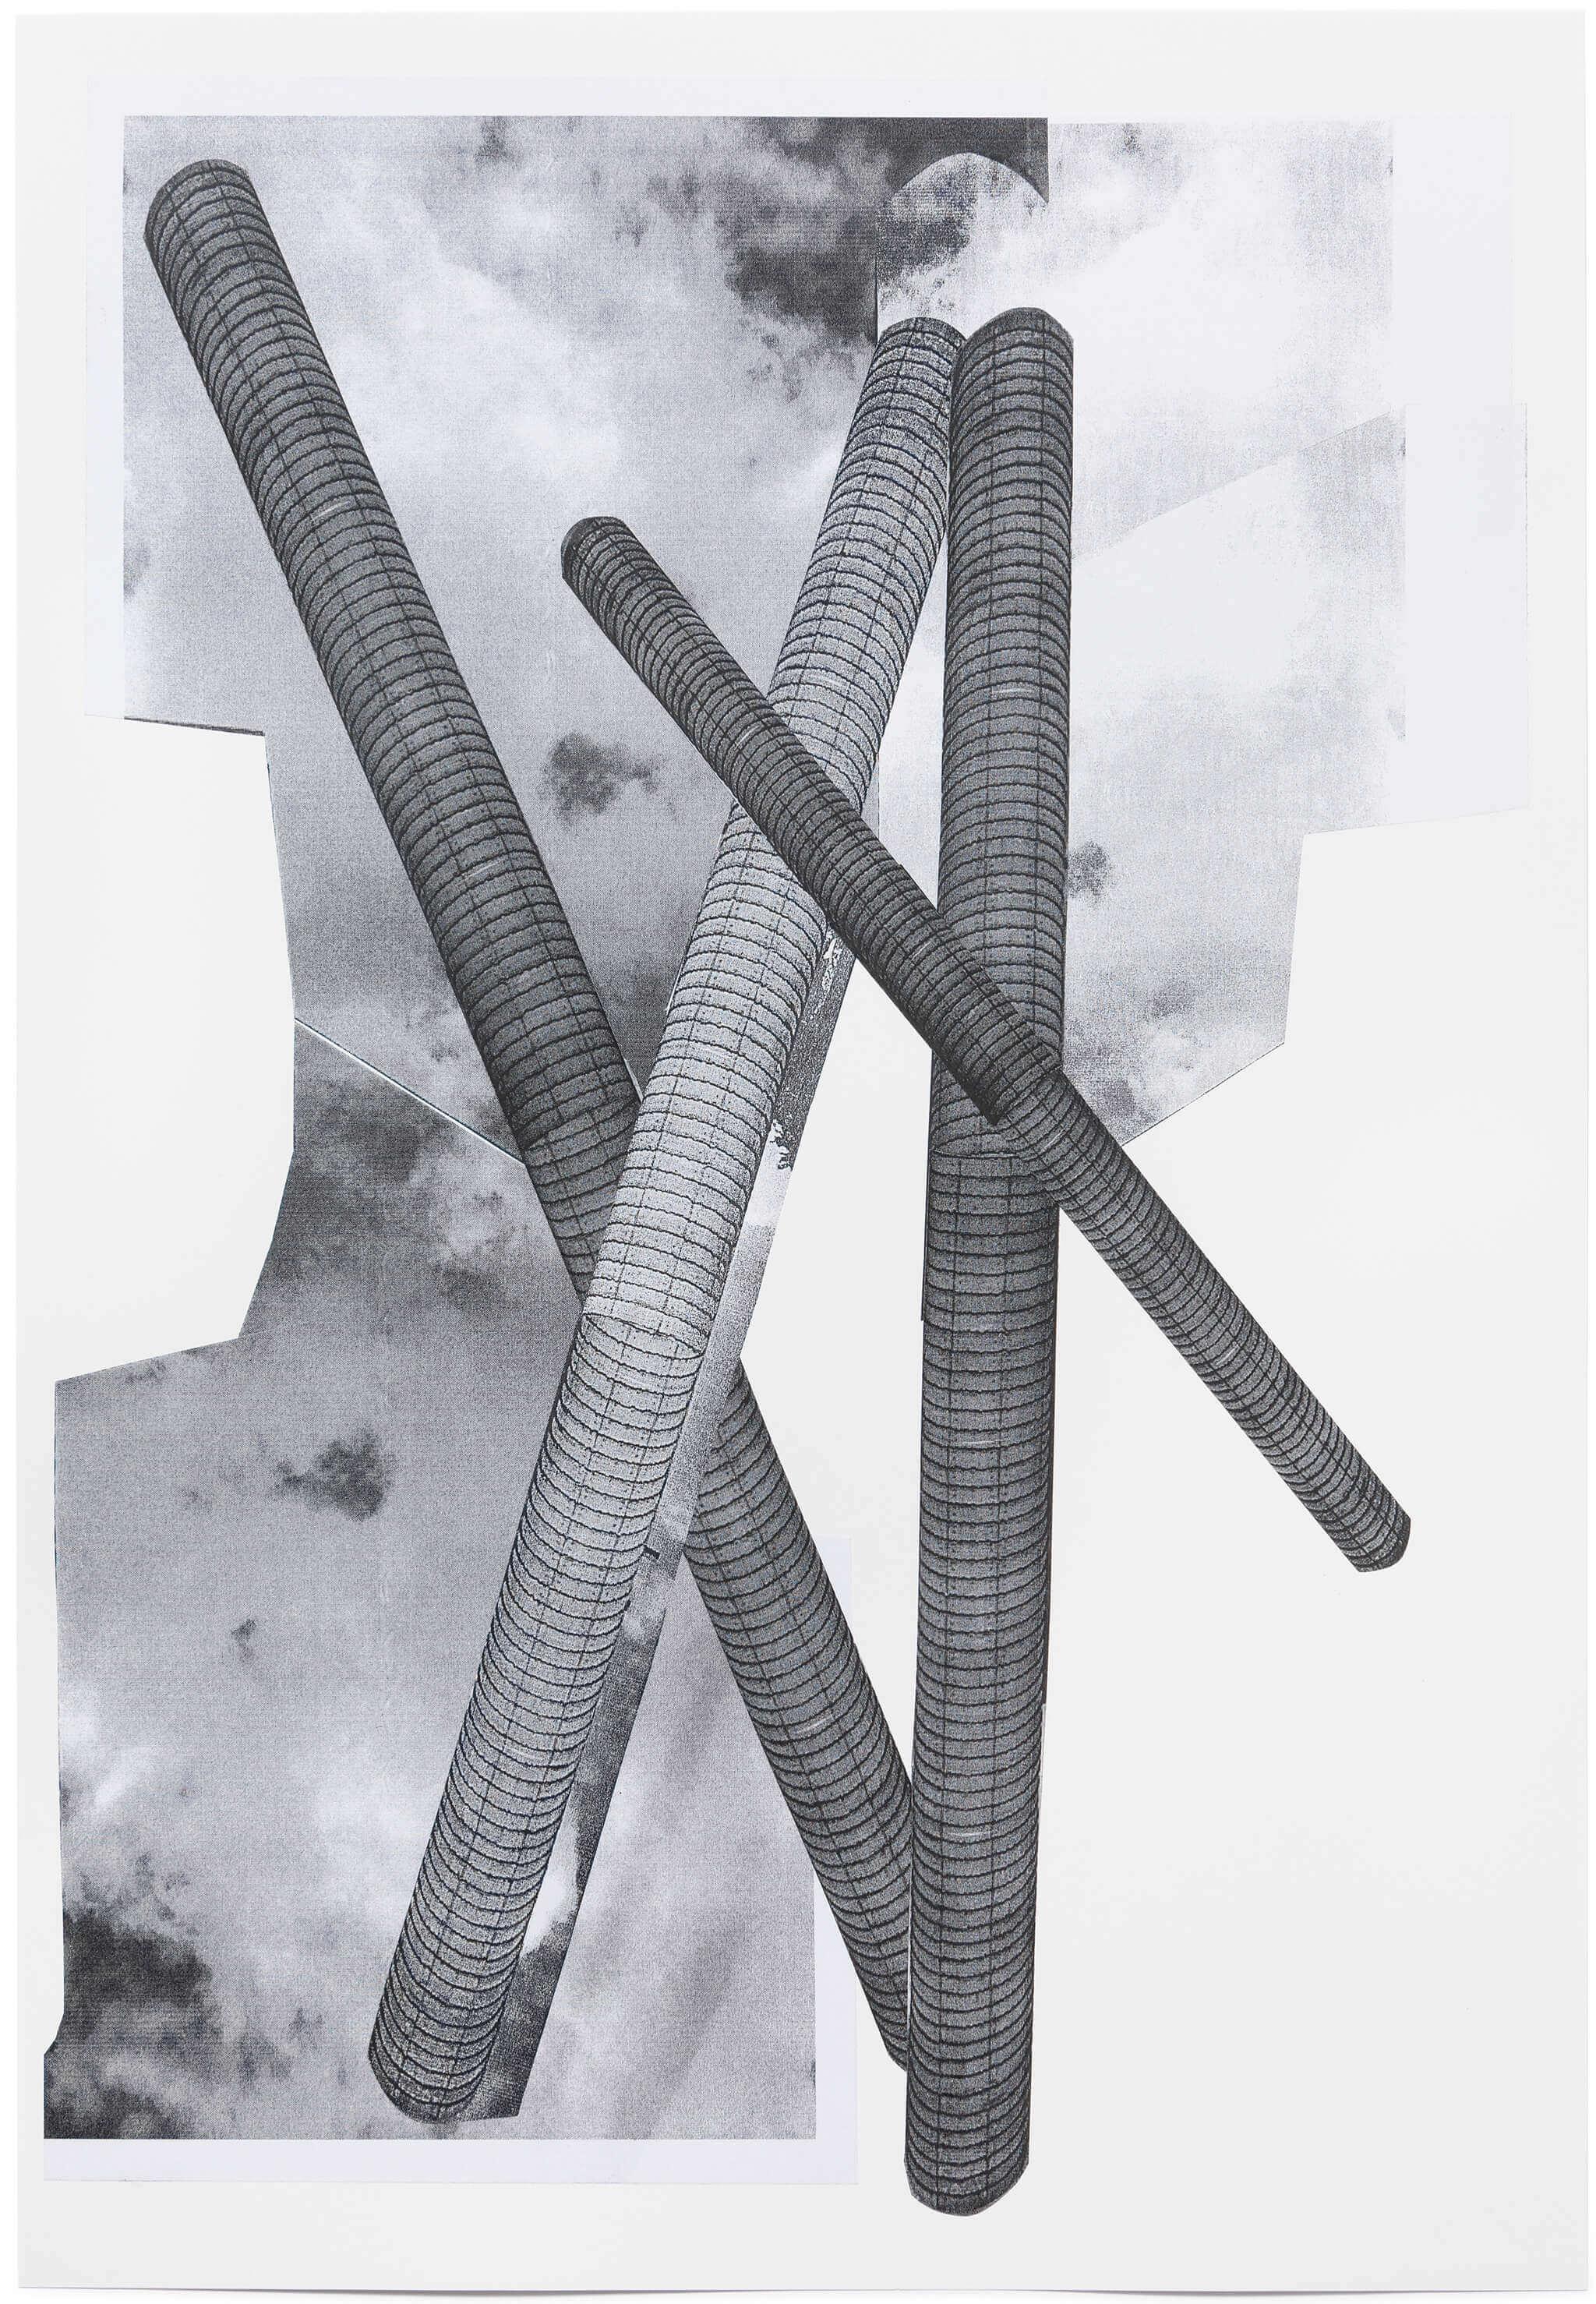 2015_04_Frauke Dannert_Collage_Papiercollage_Stele